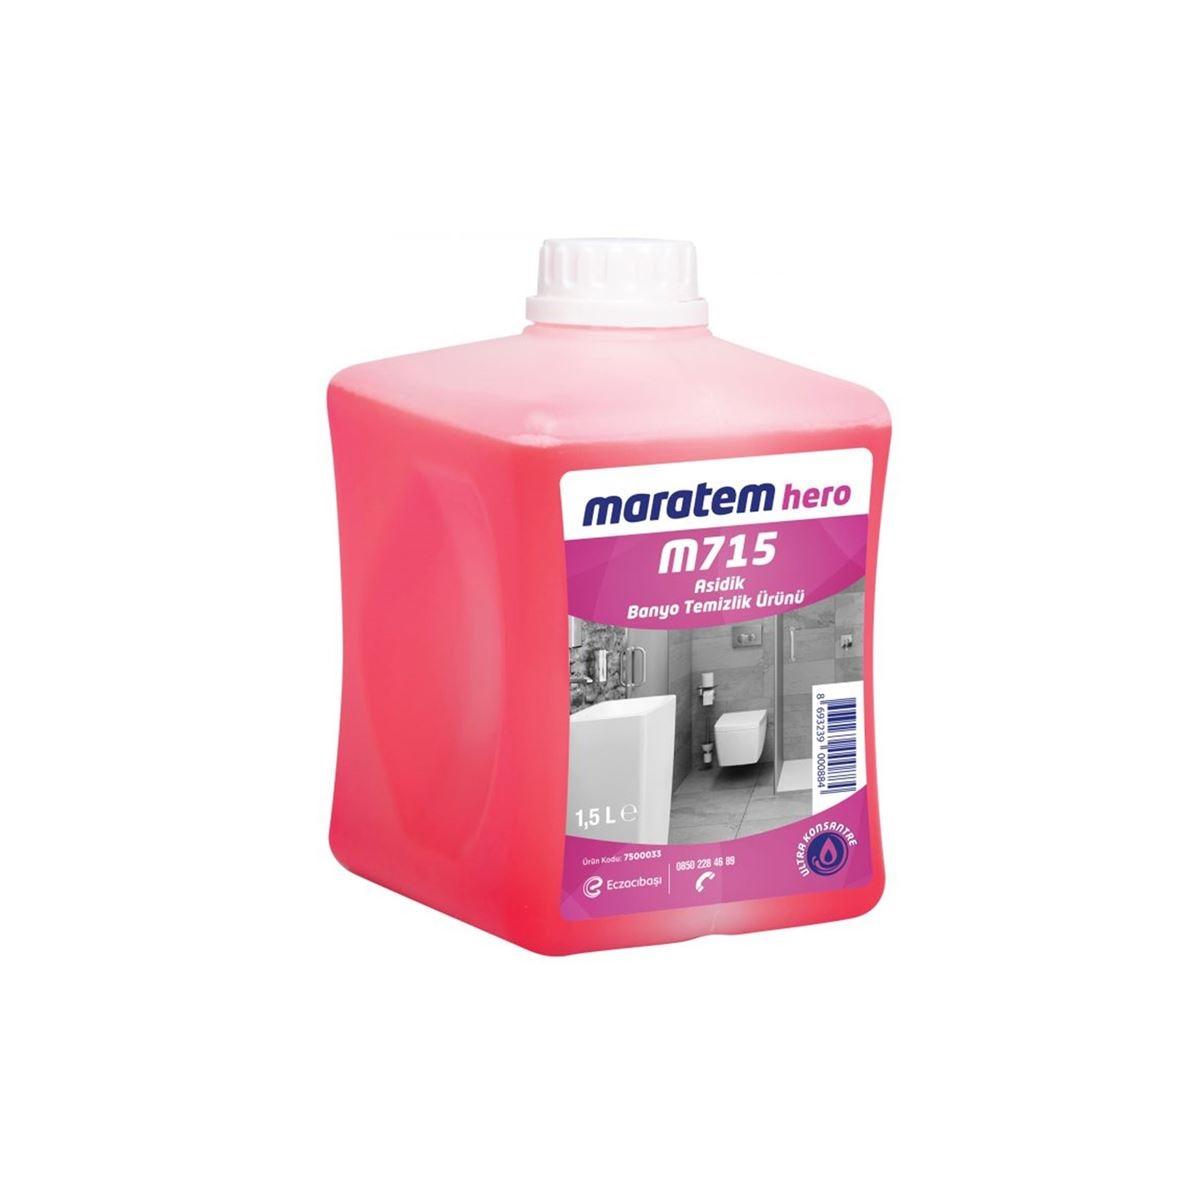 Maratem M715 Asidik Banyo Temizlik Ürünü 1,74kg(4'lü koli) resmi